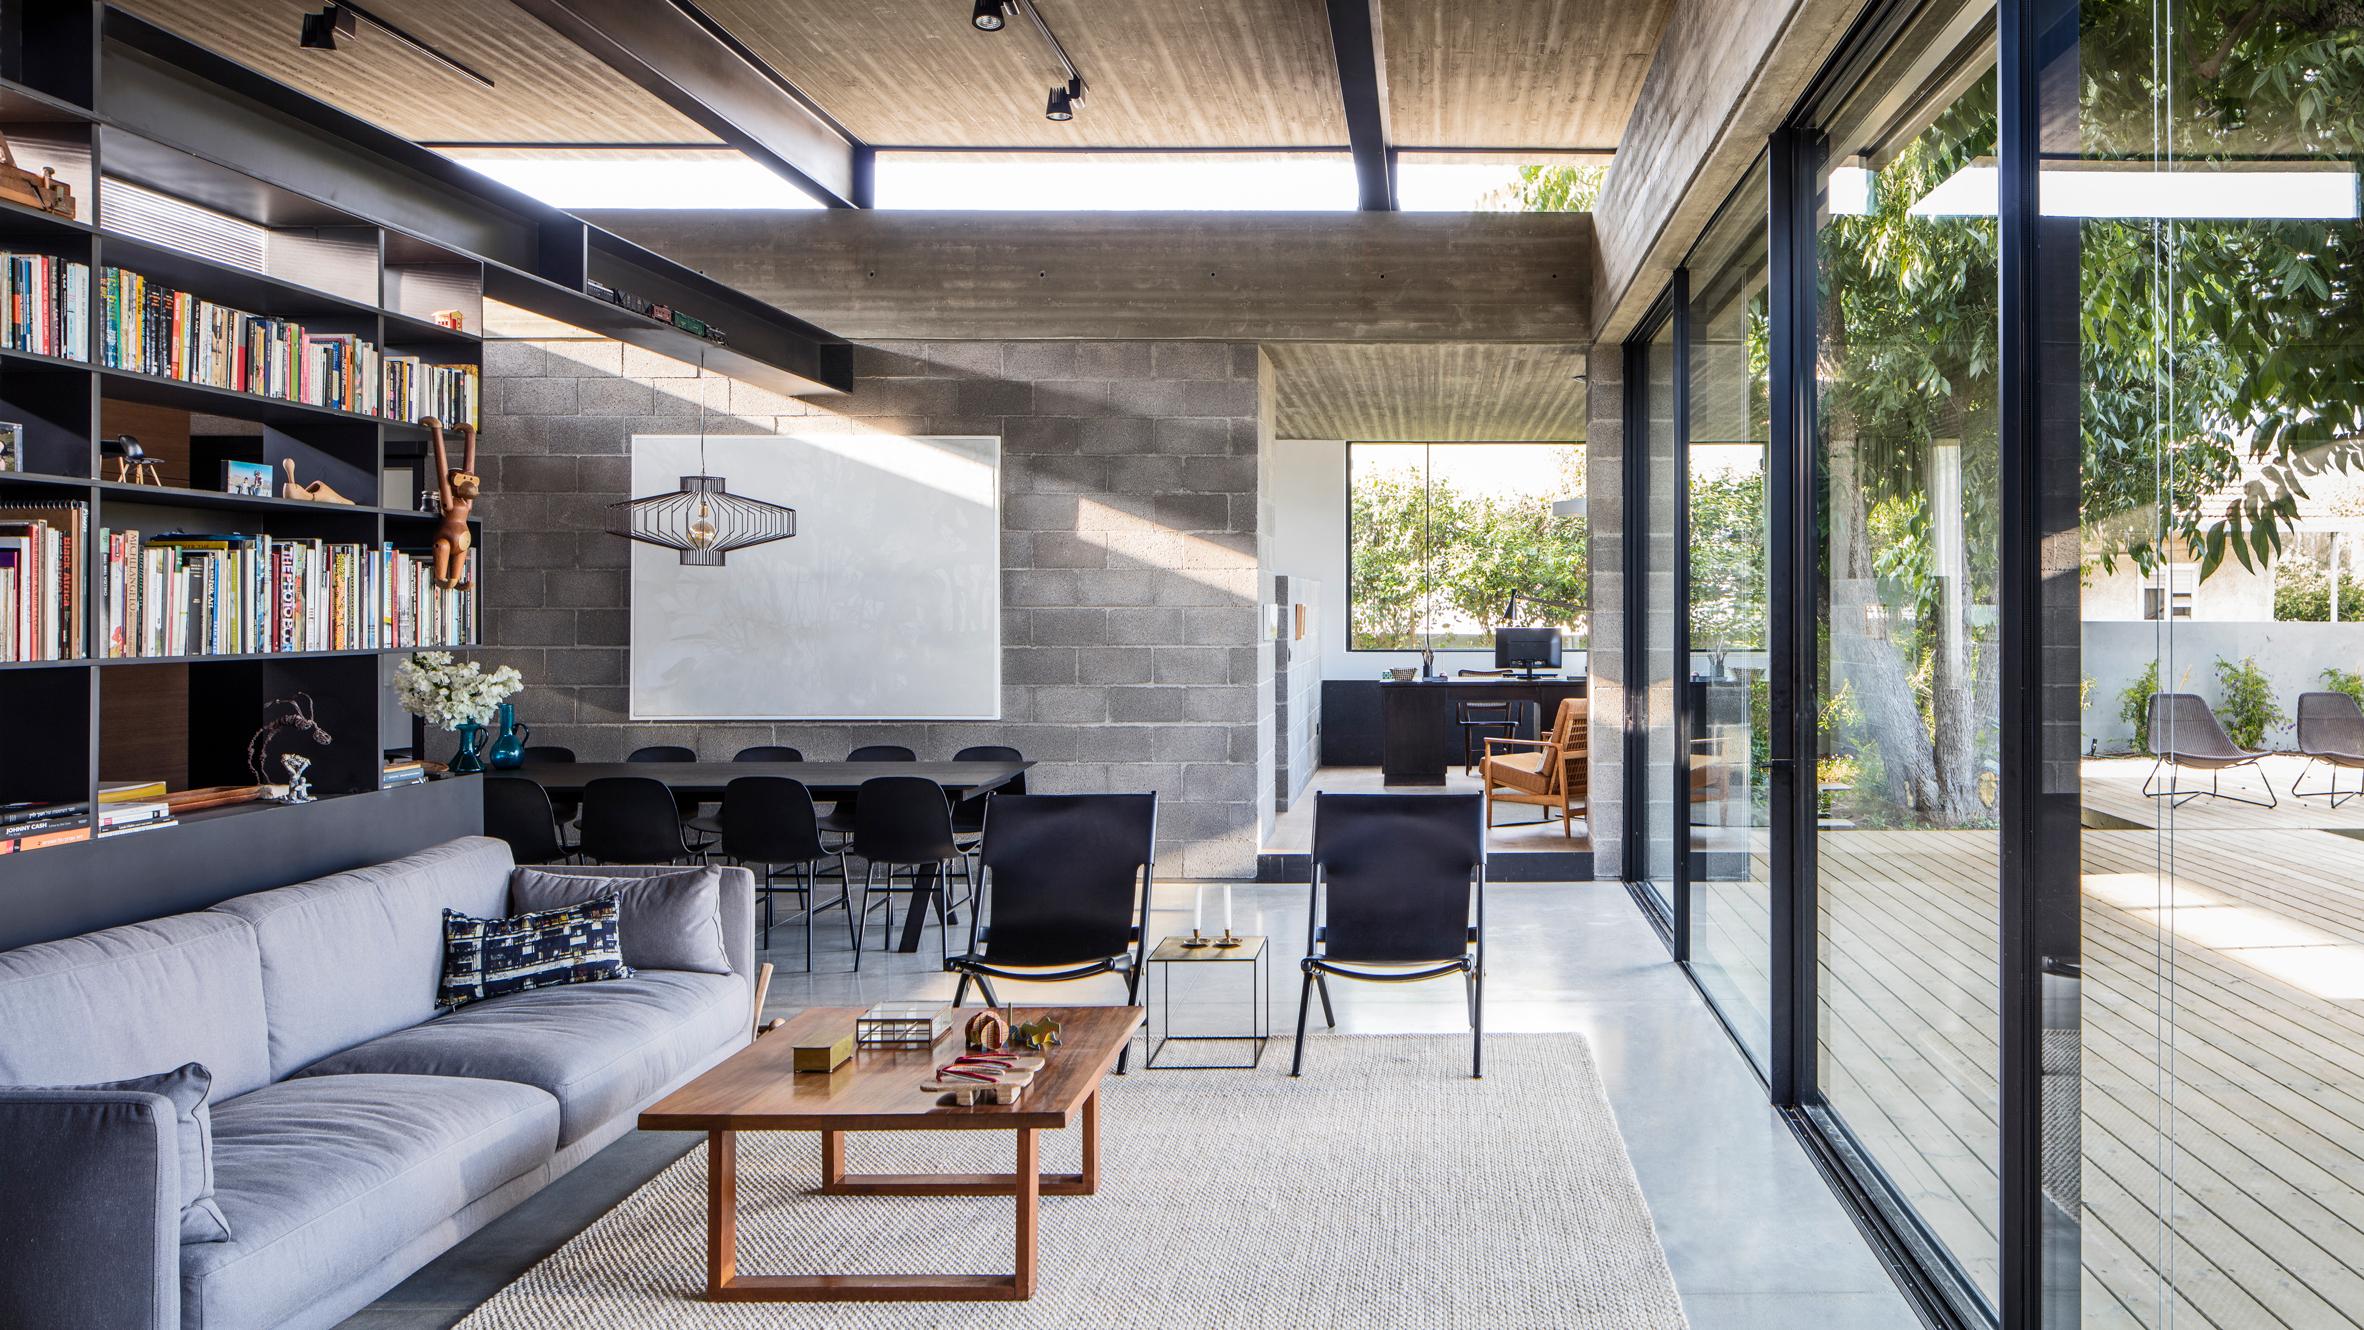 Bare House – Ngôi nhà mang lại những thoáng nhìn lên bầu trời và những ngọn cây